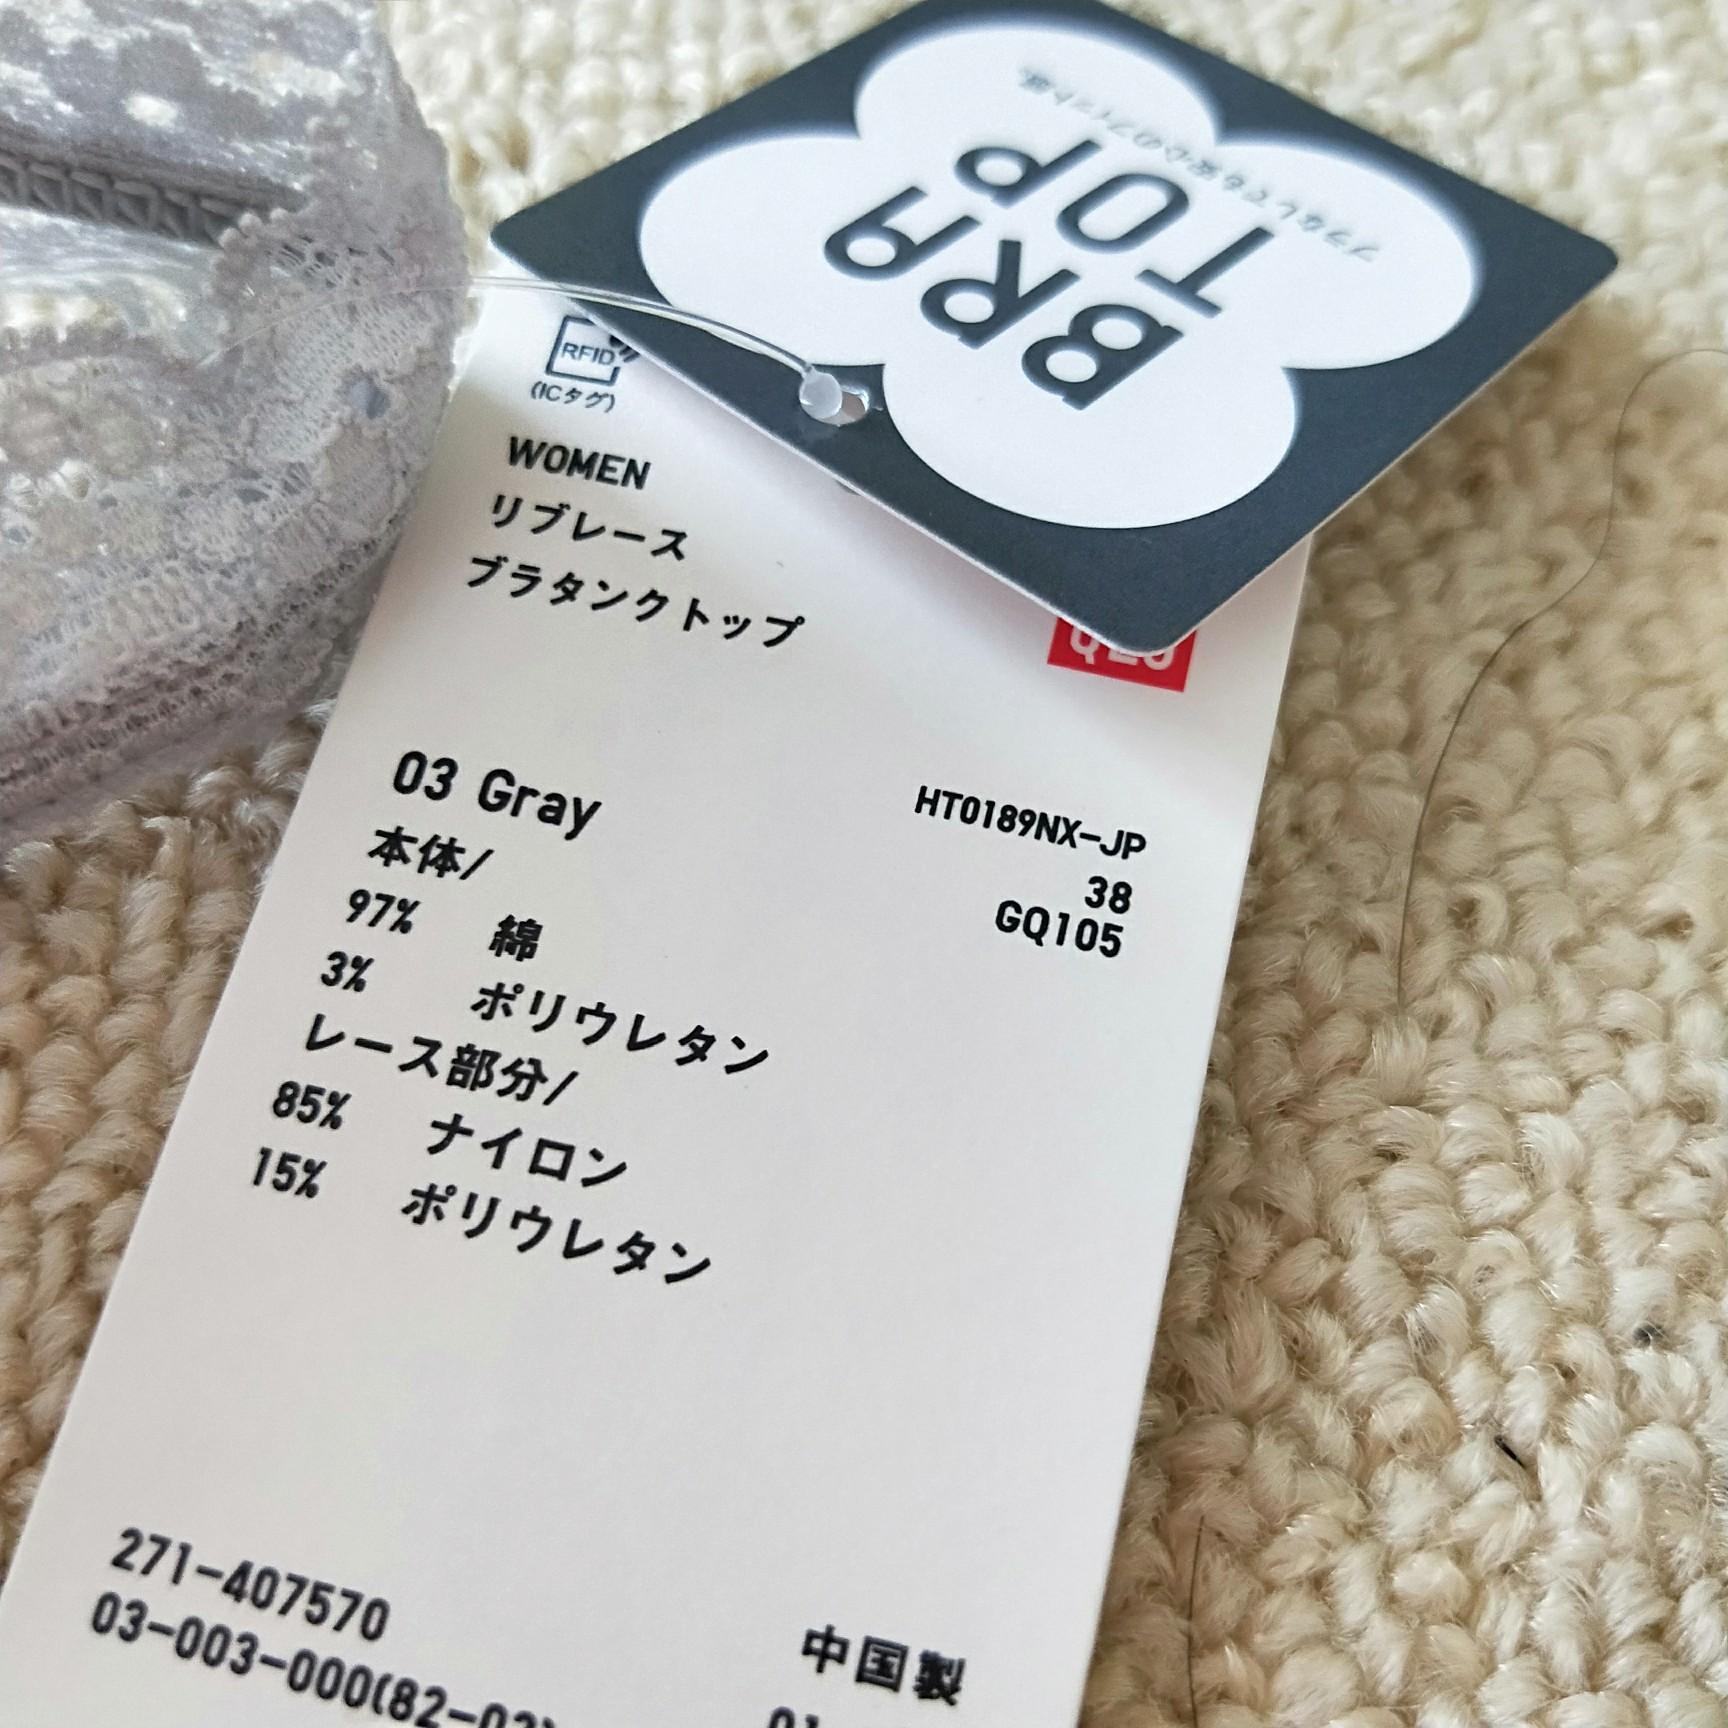 【ユニクロのGW】ブラトップもスカートも1000円オフ♡_5